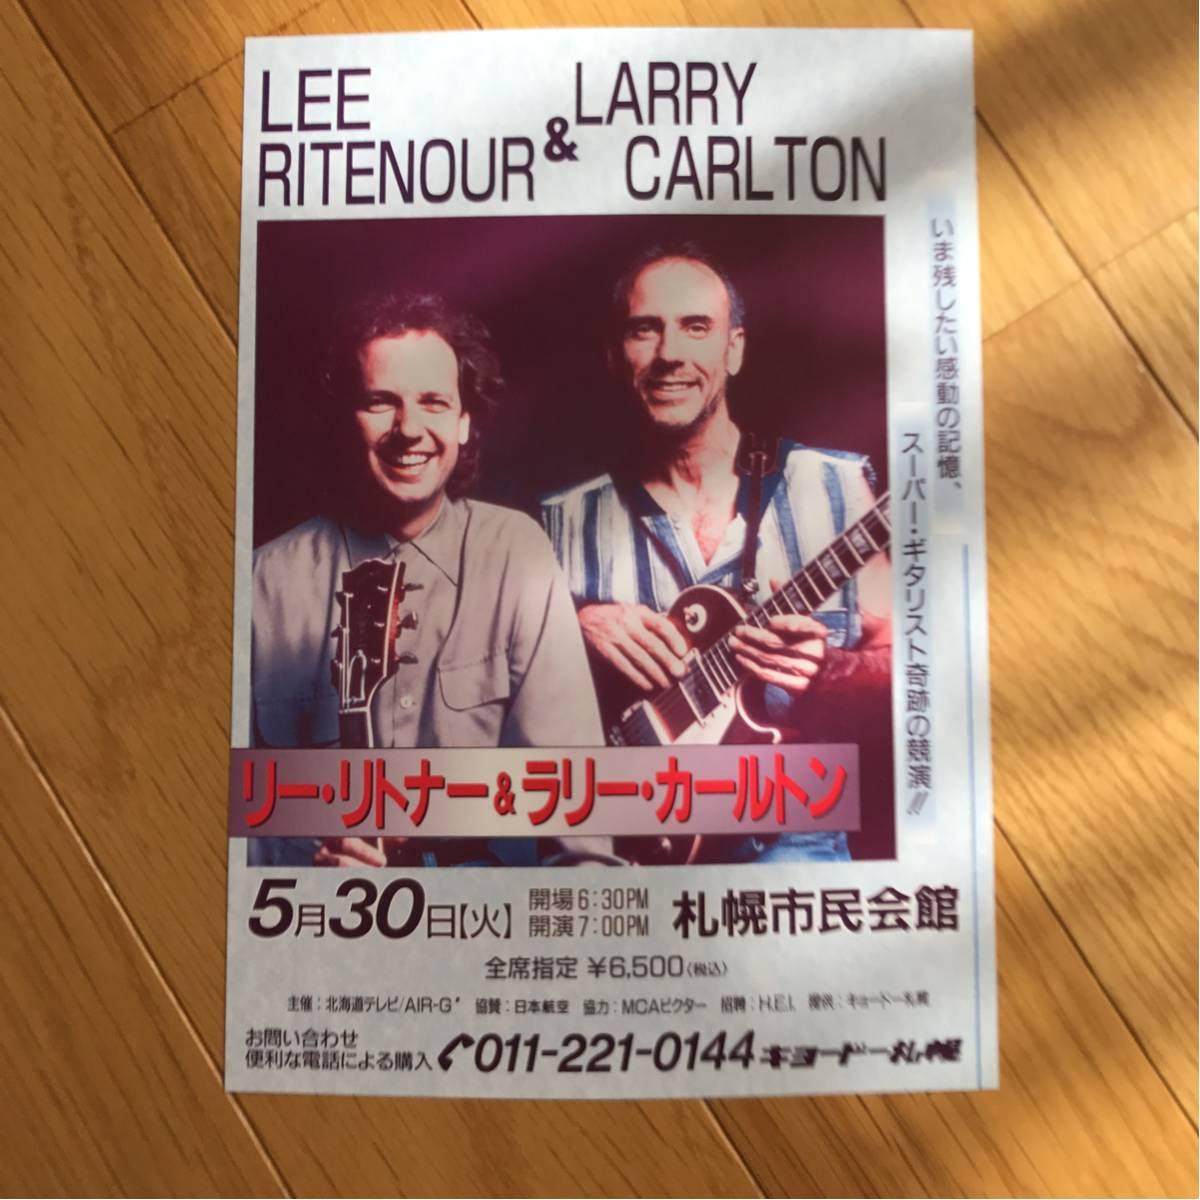 チラシ リーリトナー ラリーカールトン 札幌市民会館